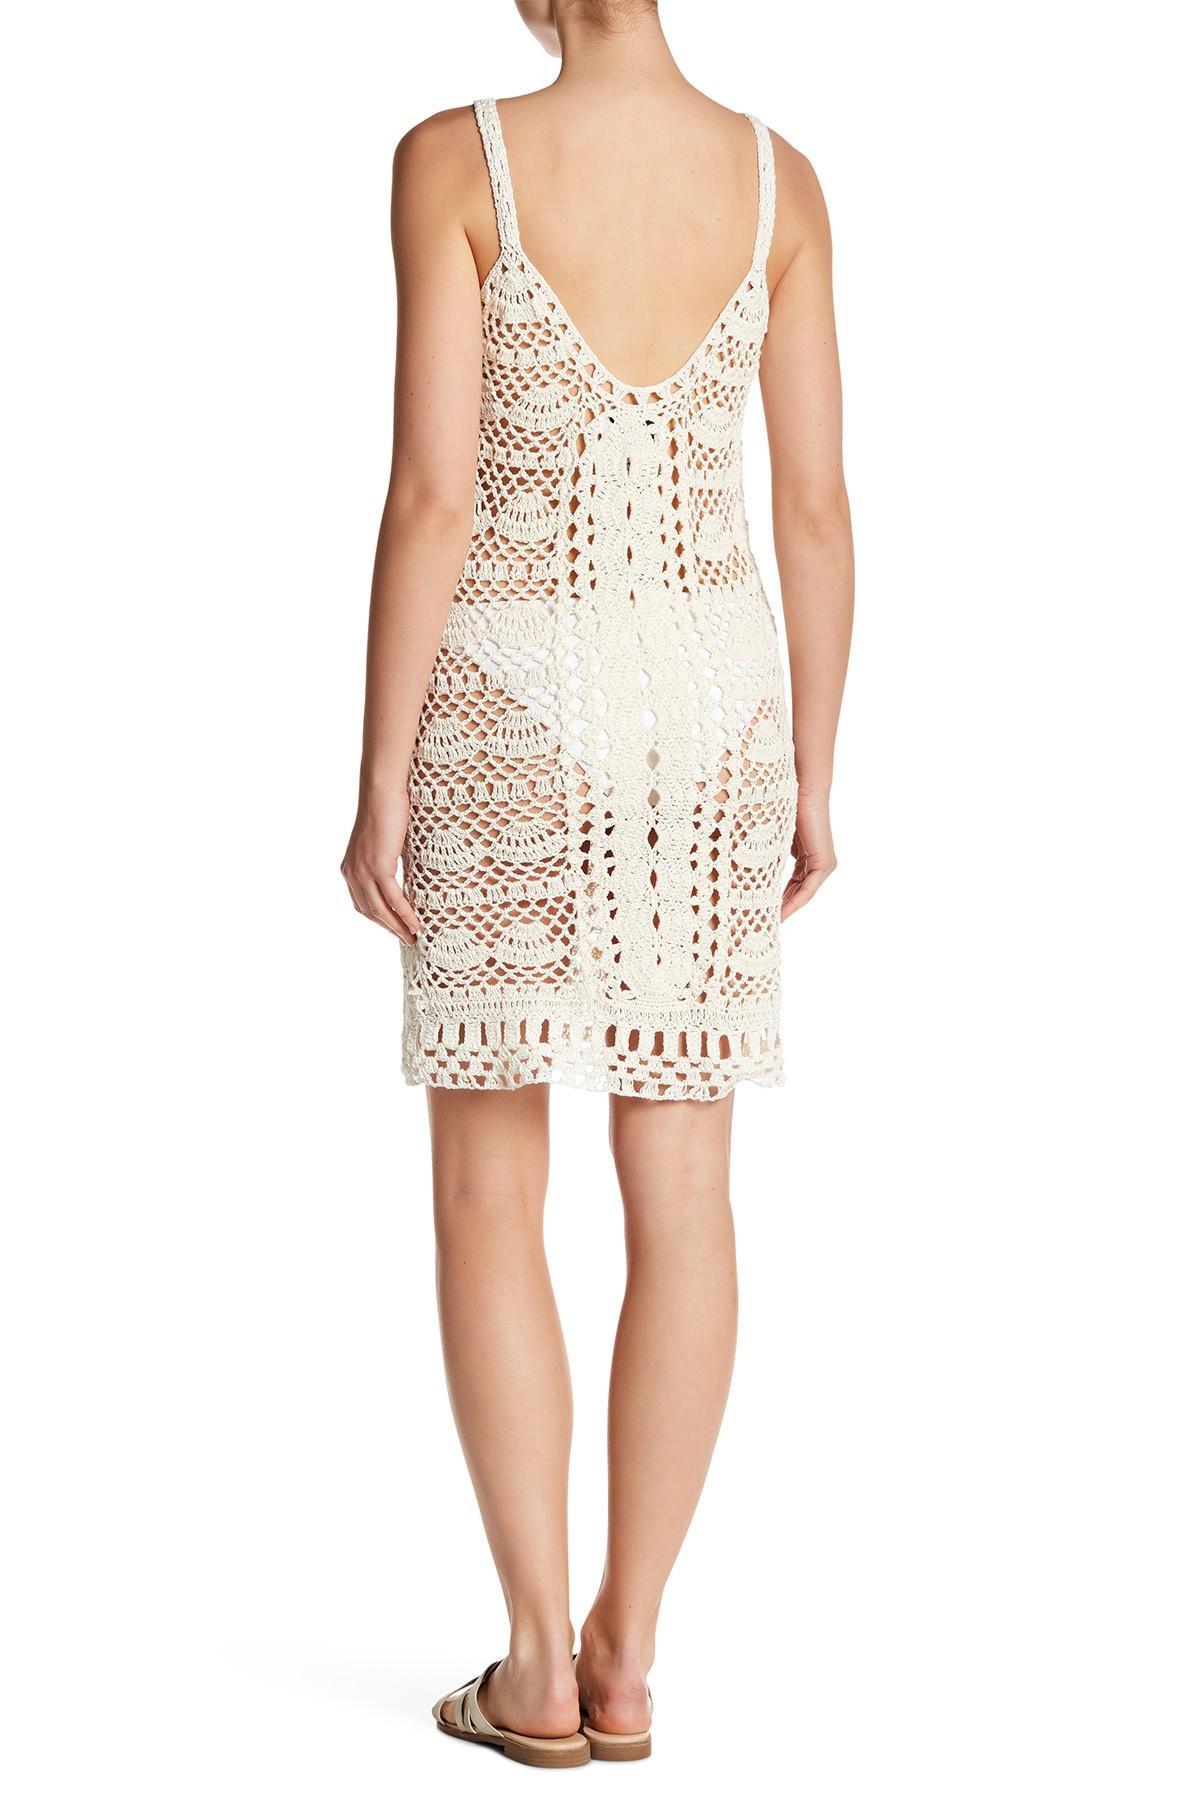 Lyst Cleobella Kiini Crochet Knit Dress In White